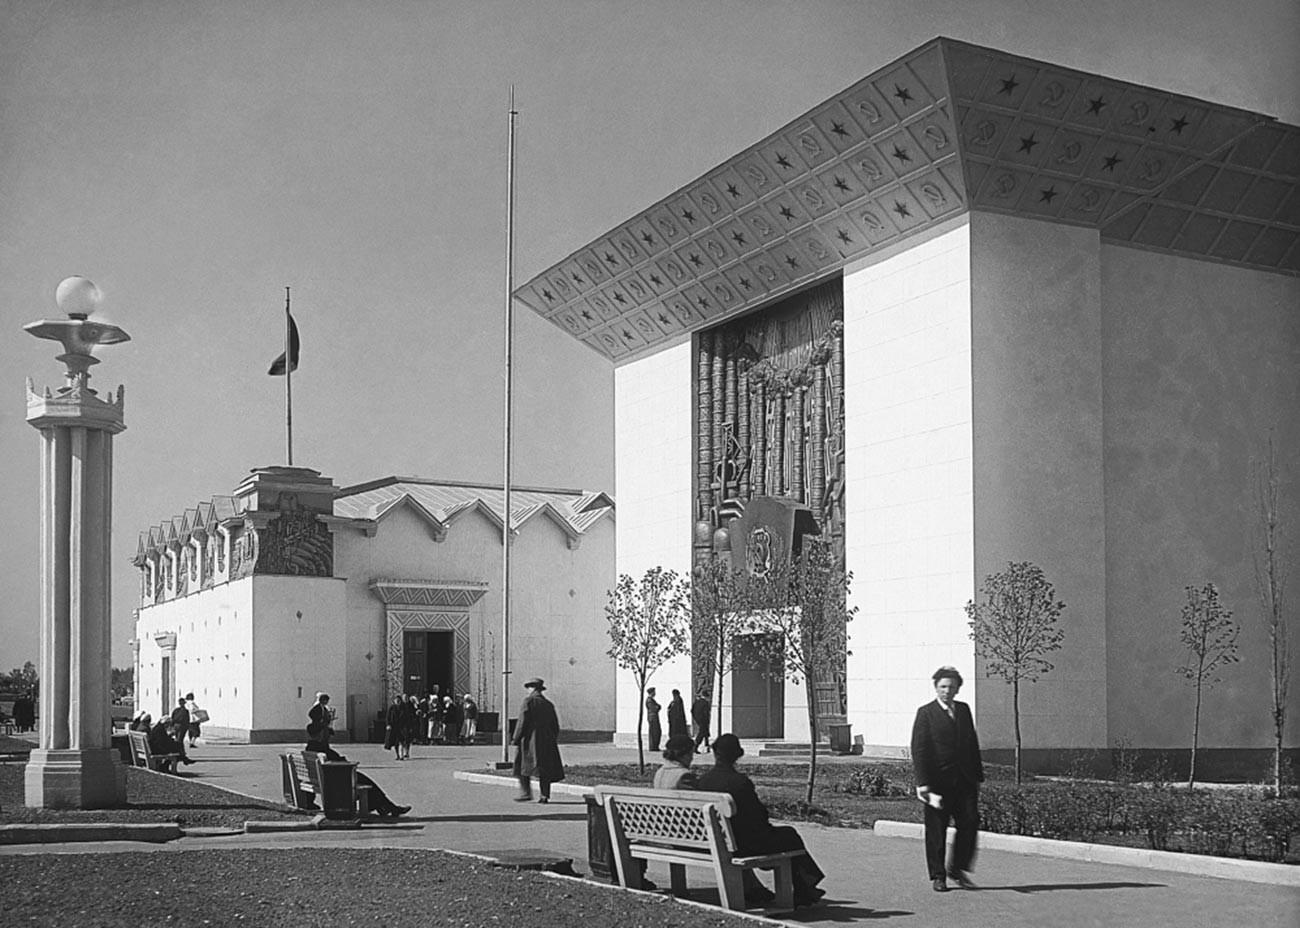 ВСХВ. Павильон Центральных областей РСФСР. 1939